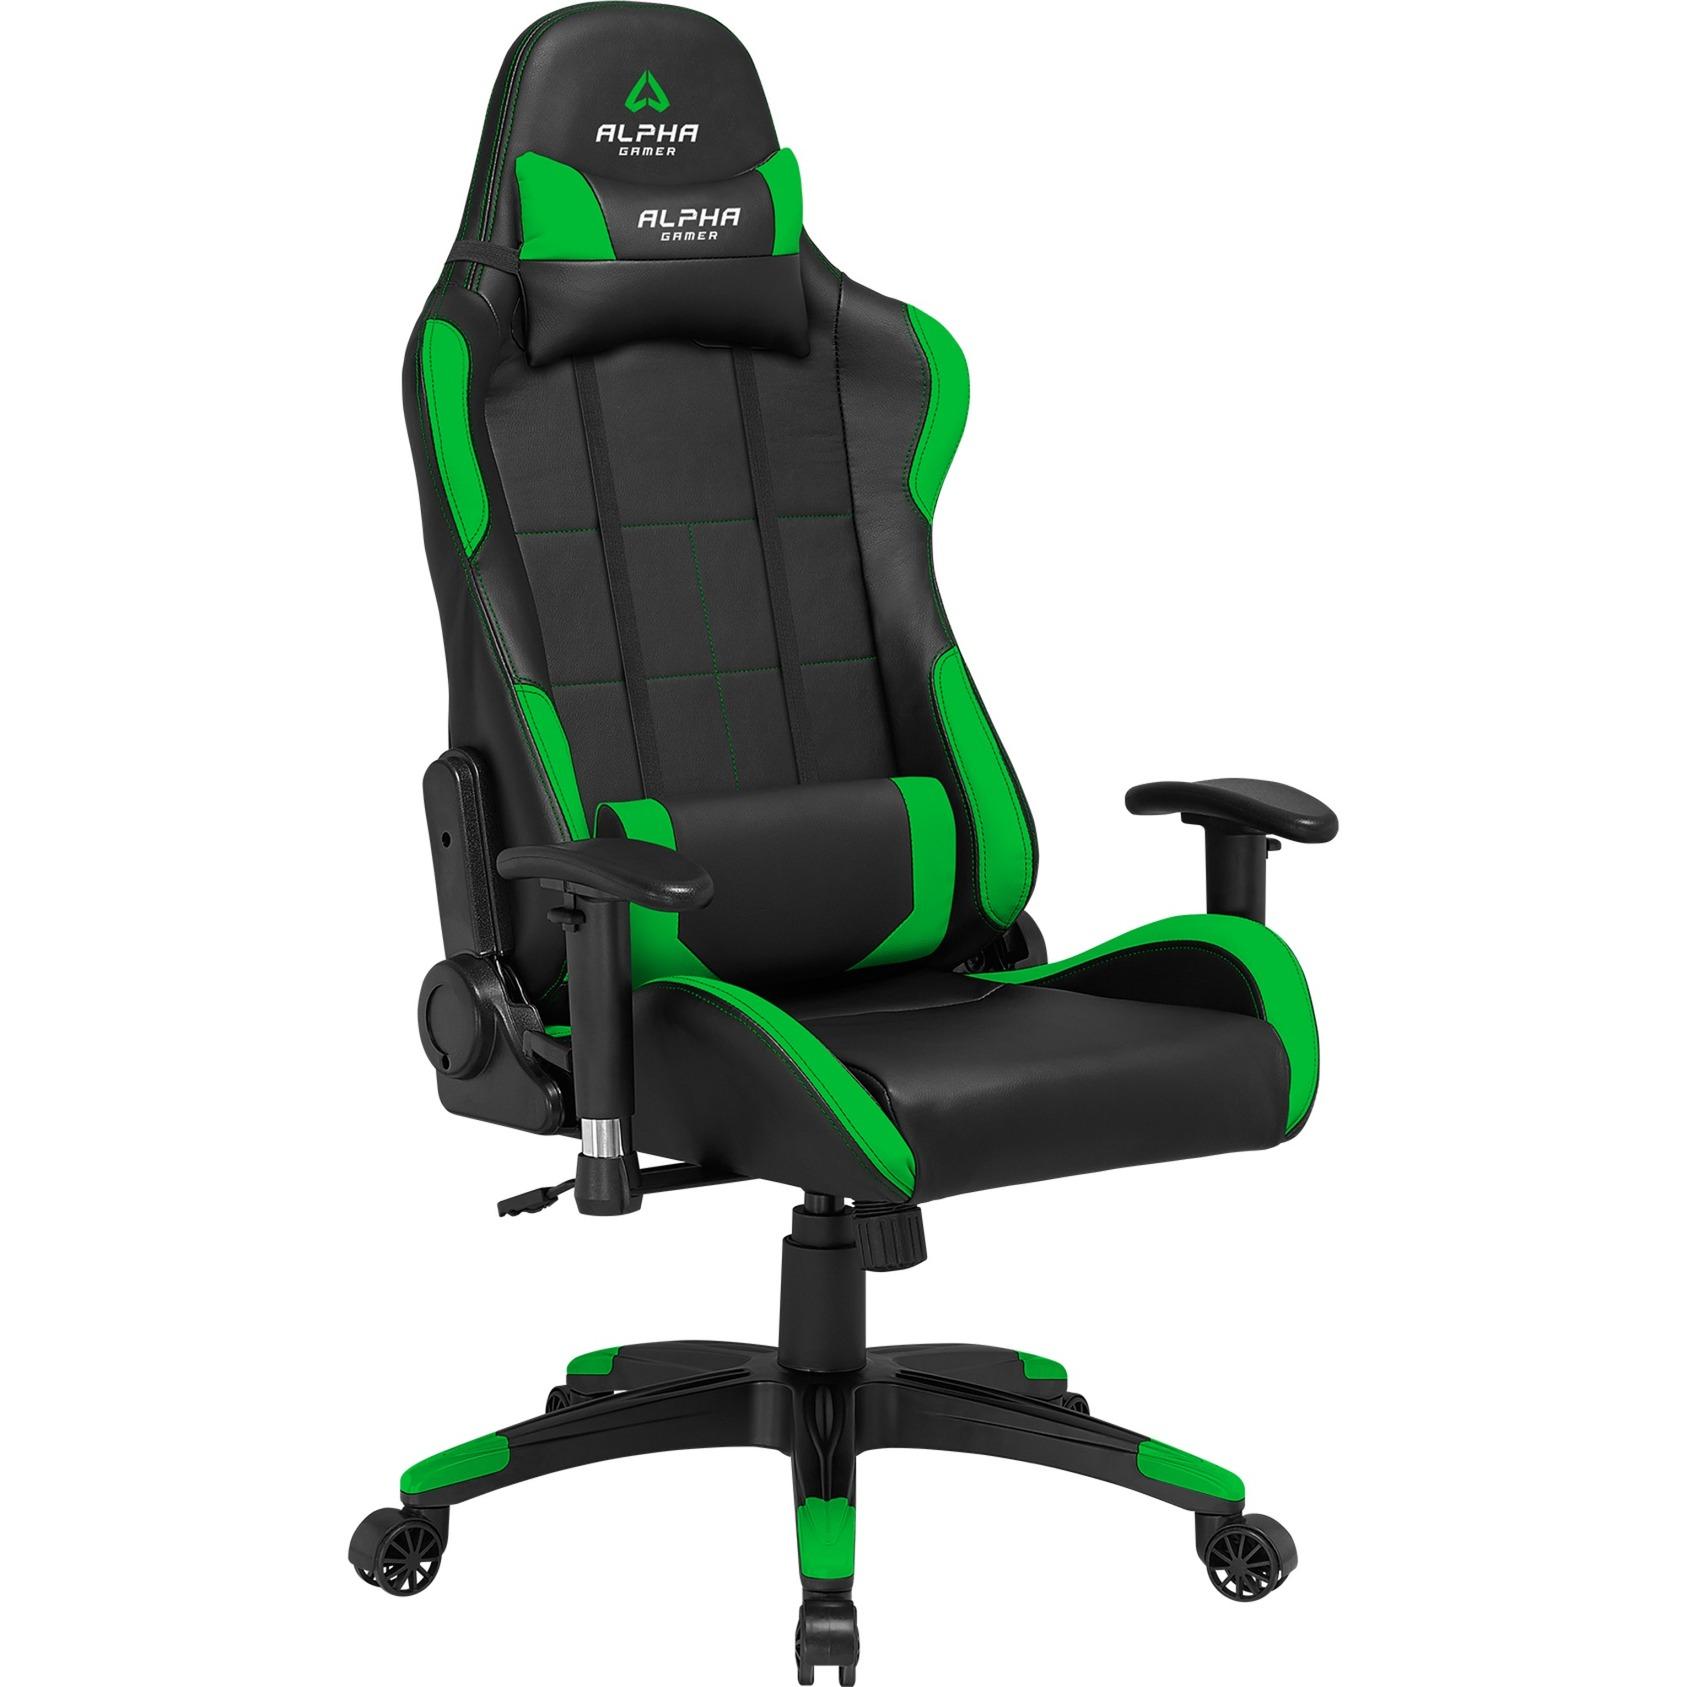 Vega Asiento acolchado Respaldo acolchado silla de oficina y de ordenador, Asientos de juego